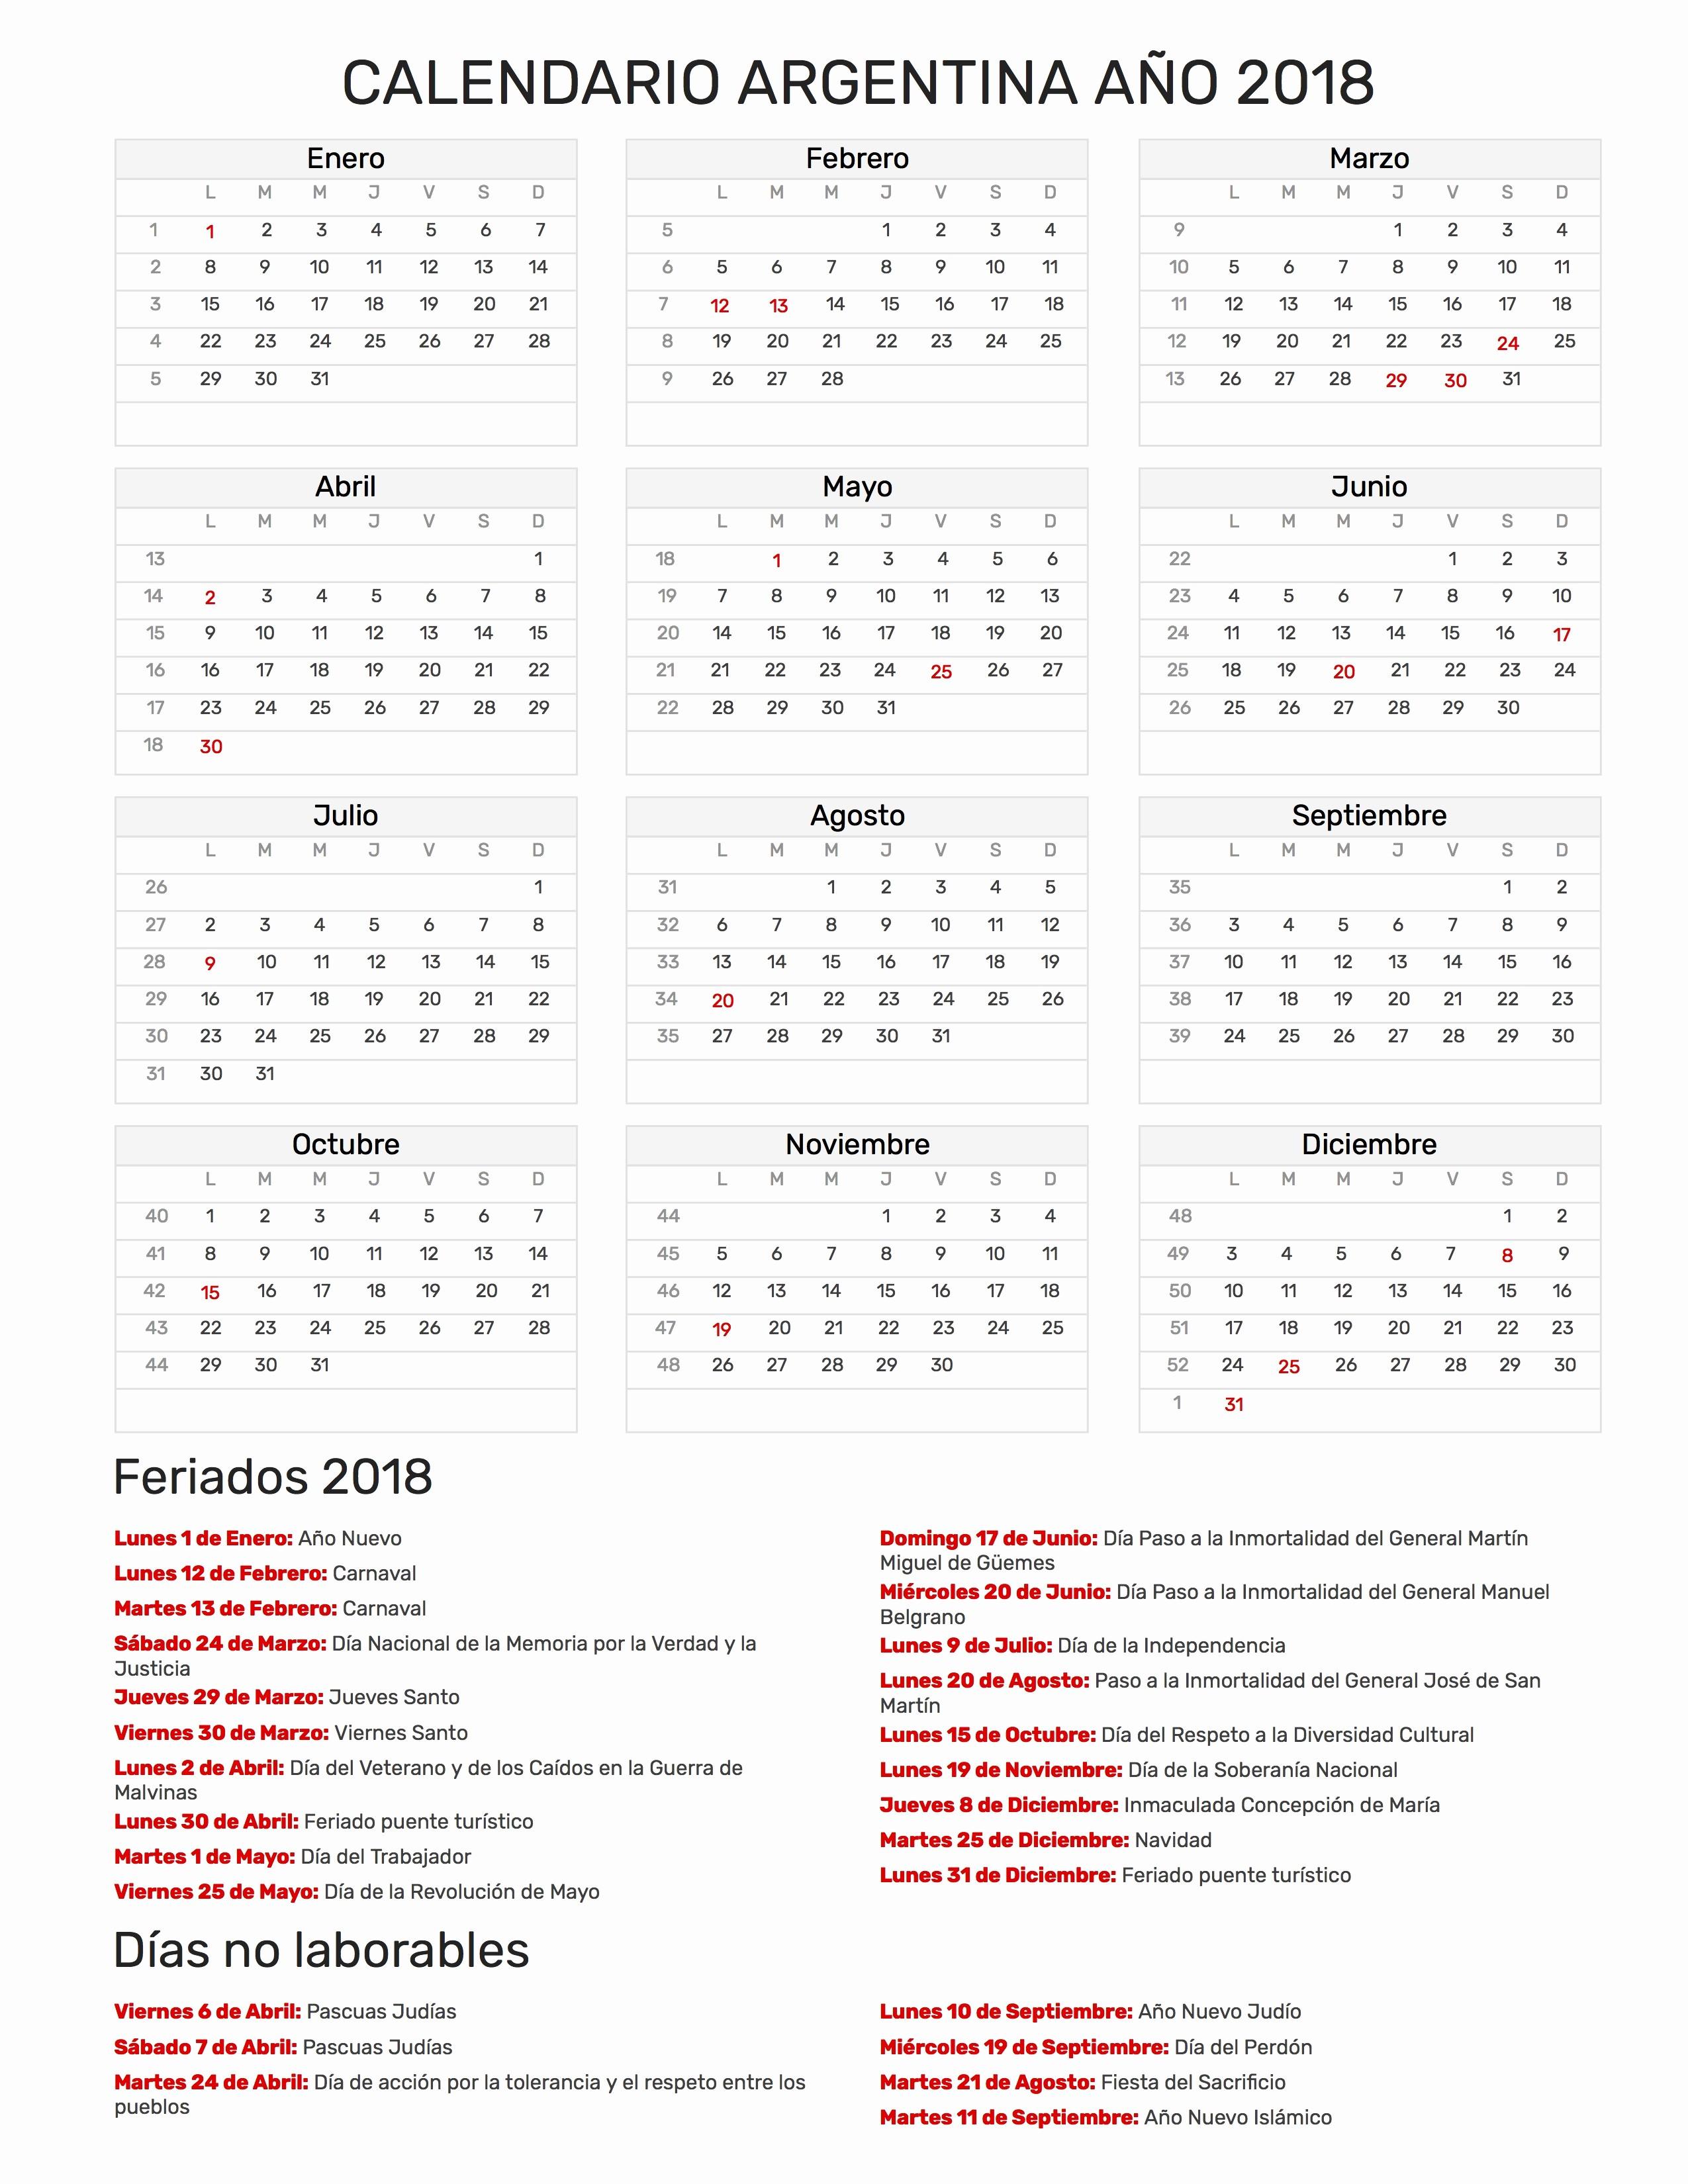 Calendario 2019 Argentina Y Feriados Más Actual Calendario Estaciones Del A±o 2019 Calendario Argentina Ano 2018 Of Calendario 2019 Argentina Y Feriados Más Populares Inspeccionar Calendario 2019 Venezuela Feriados Para Imprimir